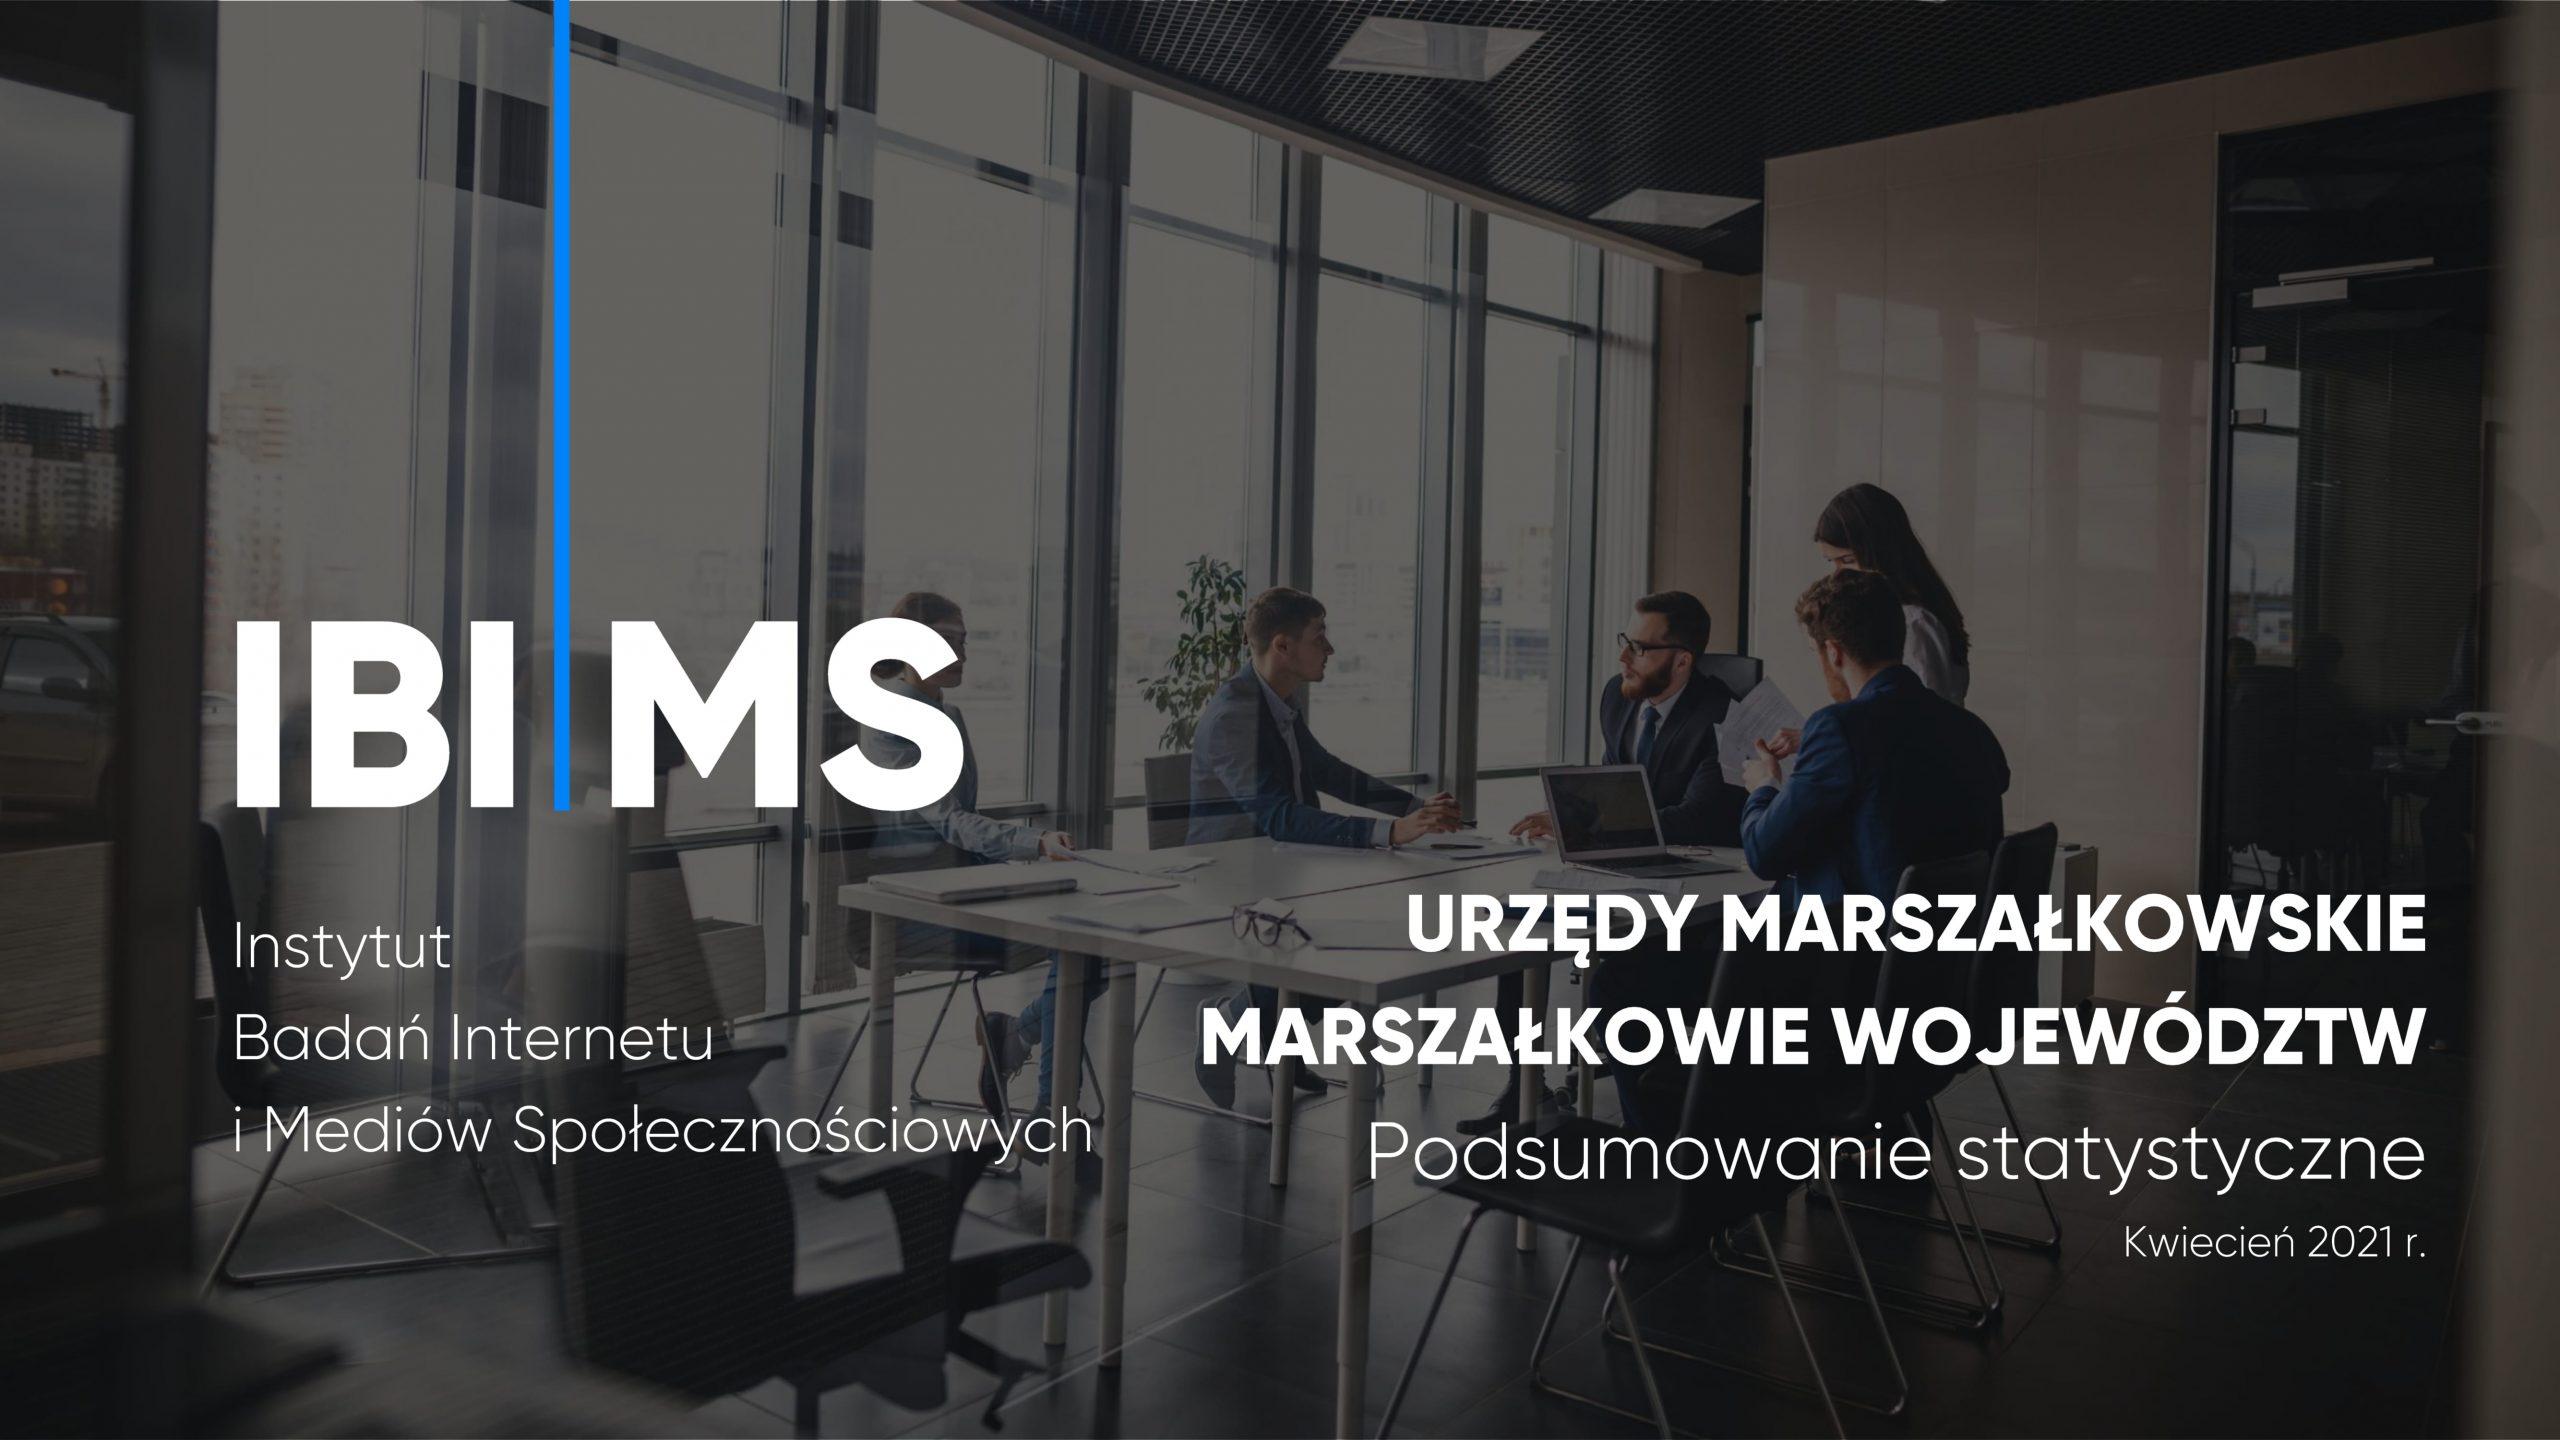 Marszałkowie i urzędy marszałkowskie na Facebooku – Raport IBIMS kwiecień 2021